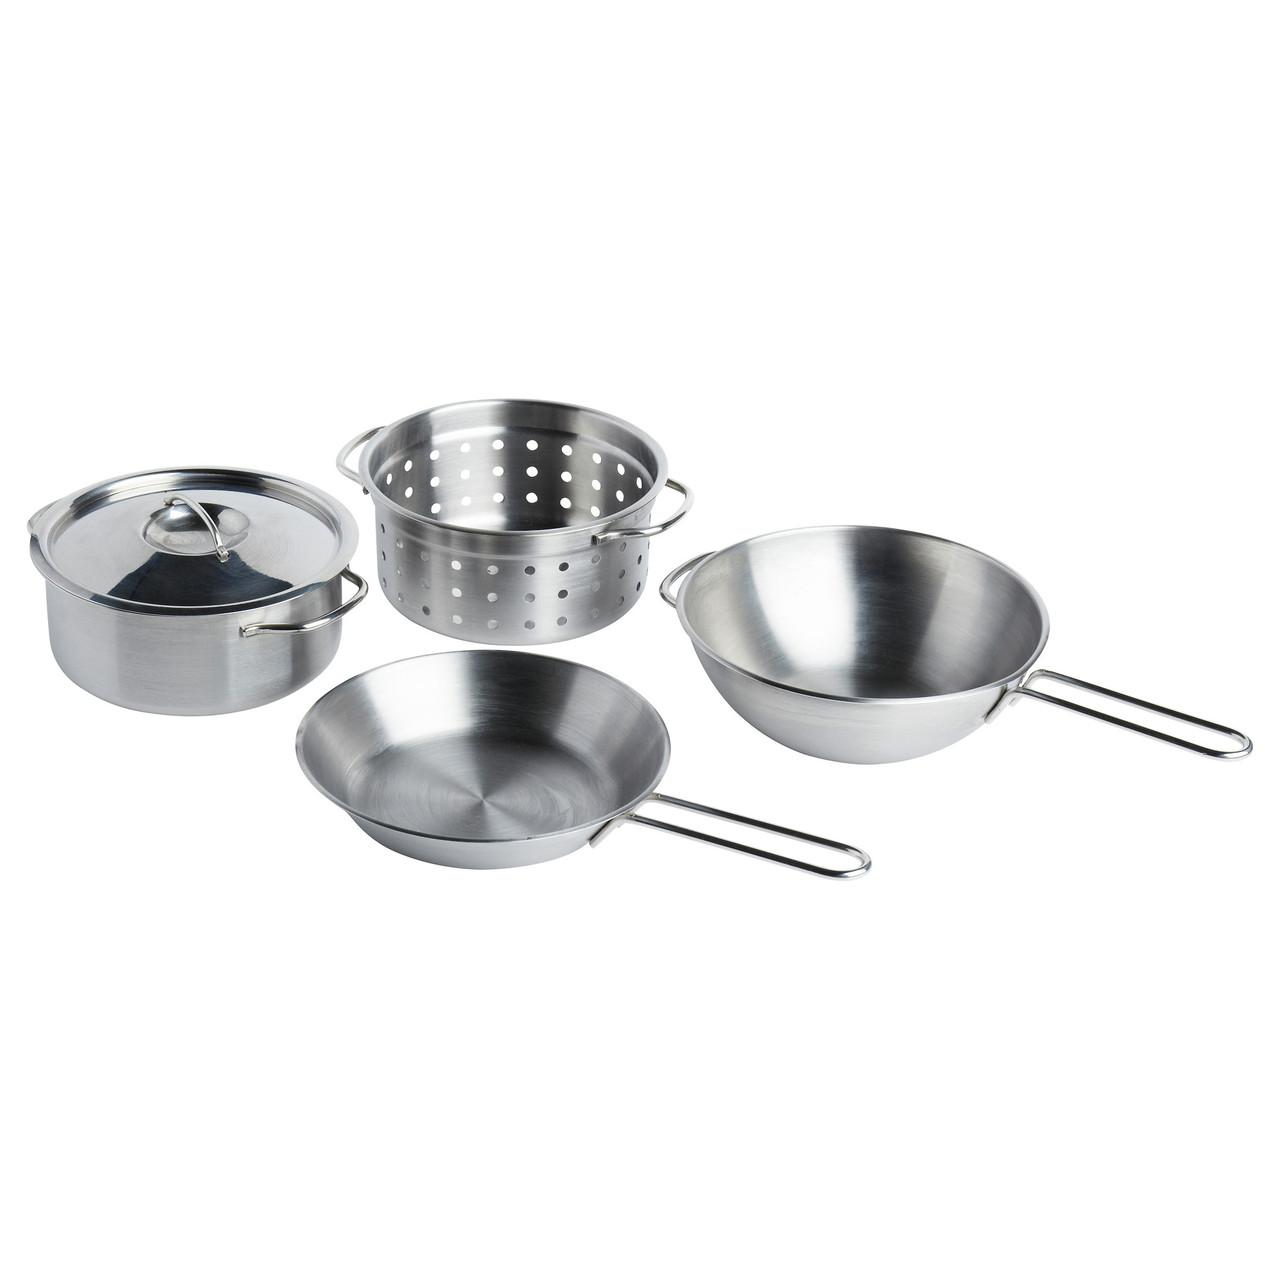 ДУКТИГ Игрушечная посуда, 5 предм., нержавеющая стали 00130167 IKEA, ИКЕА, DUKTIG